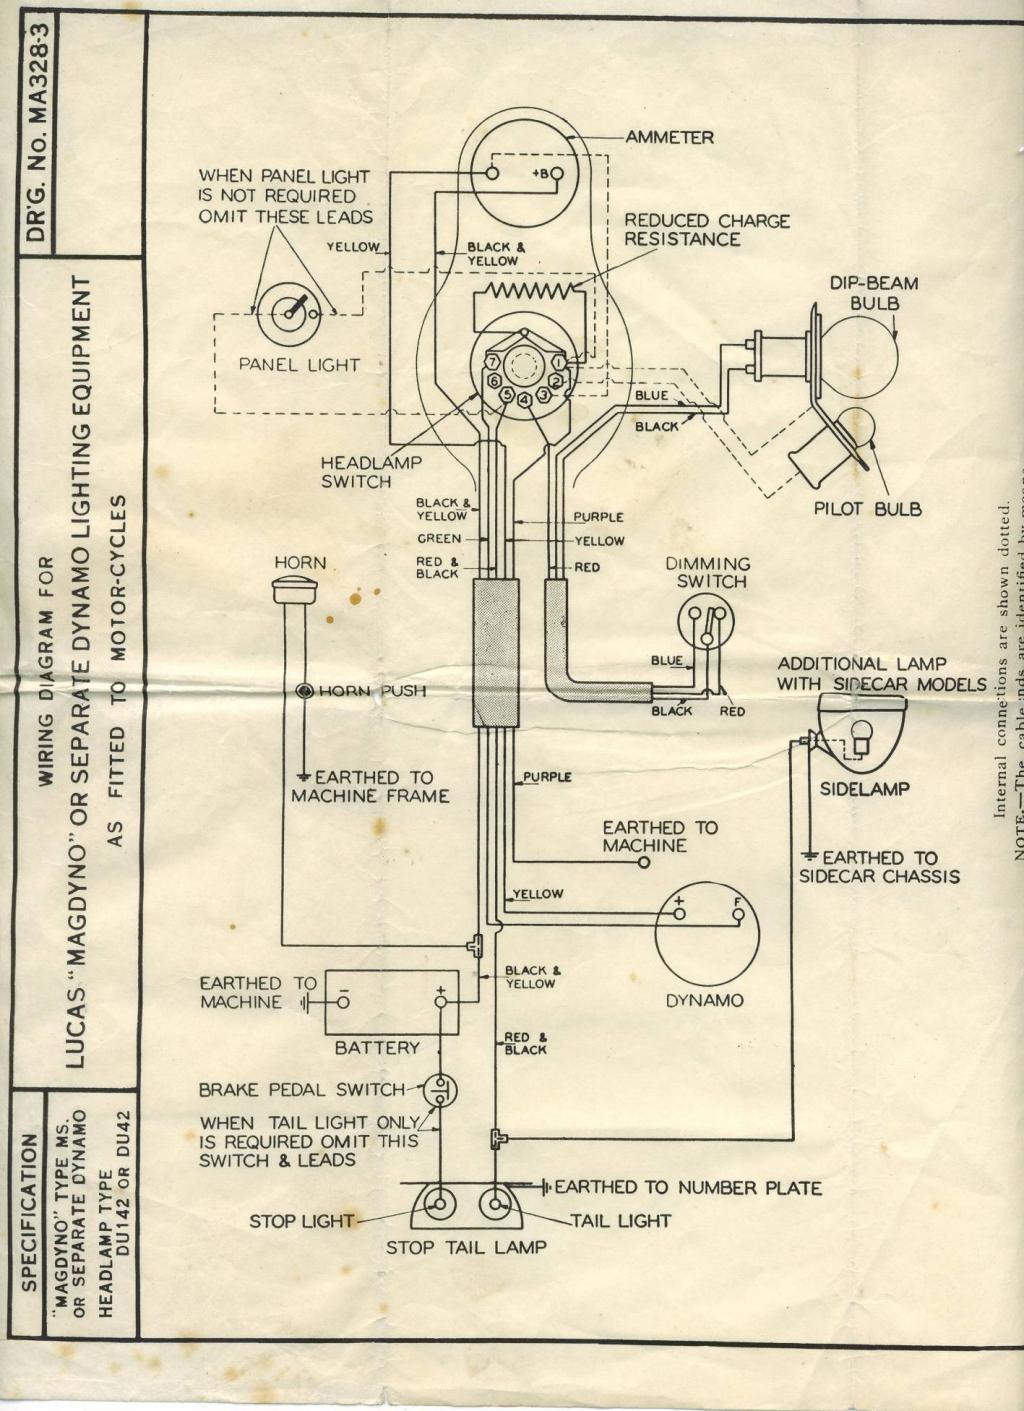 wiring diagram f  lucas magdyno or sep  dynamo/du142/du42